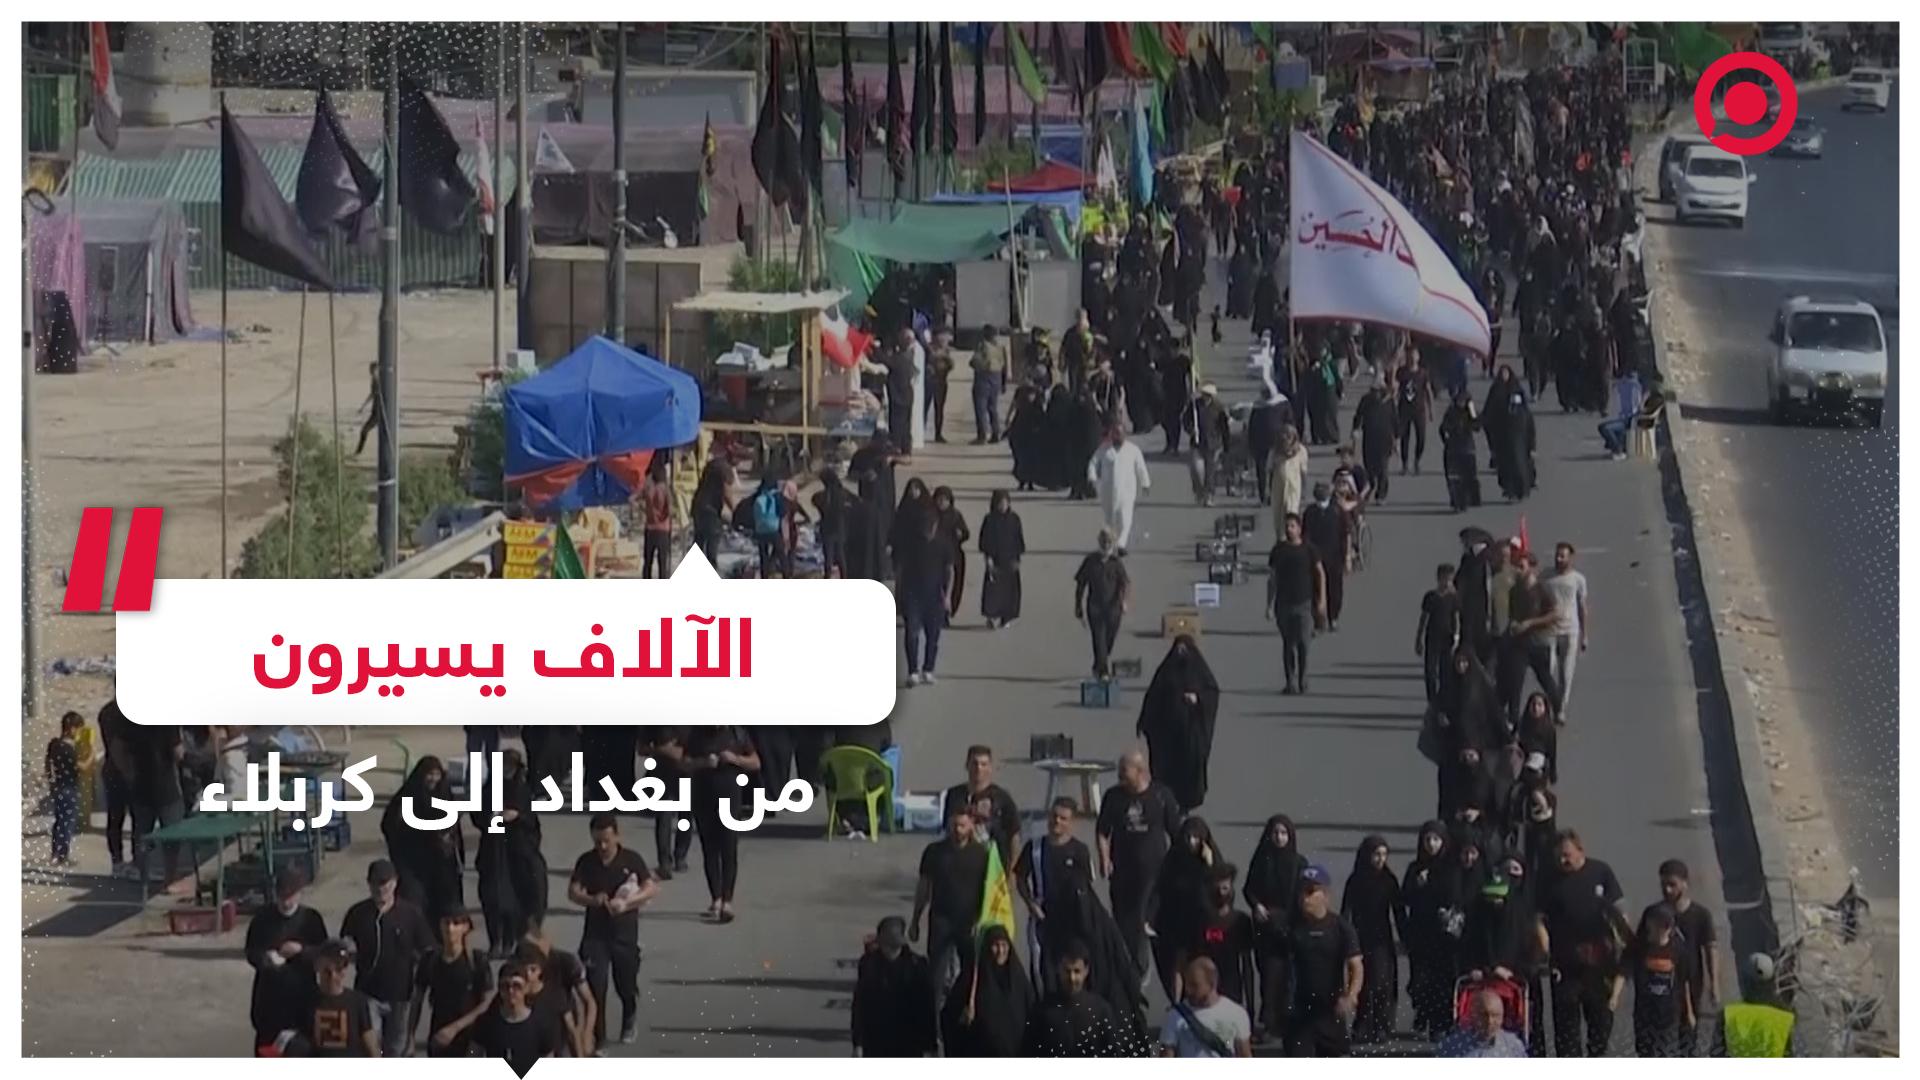 #العراق #بغداد #كربلاء